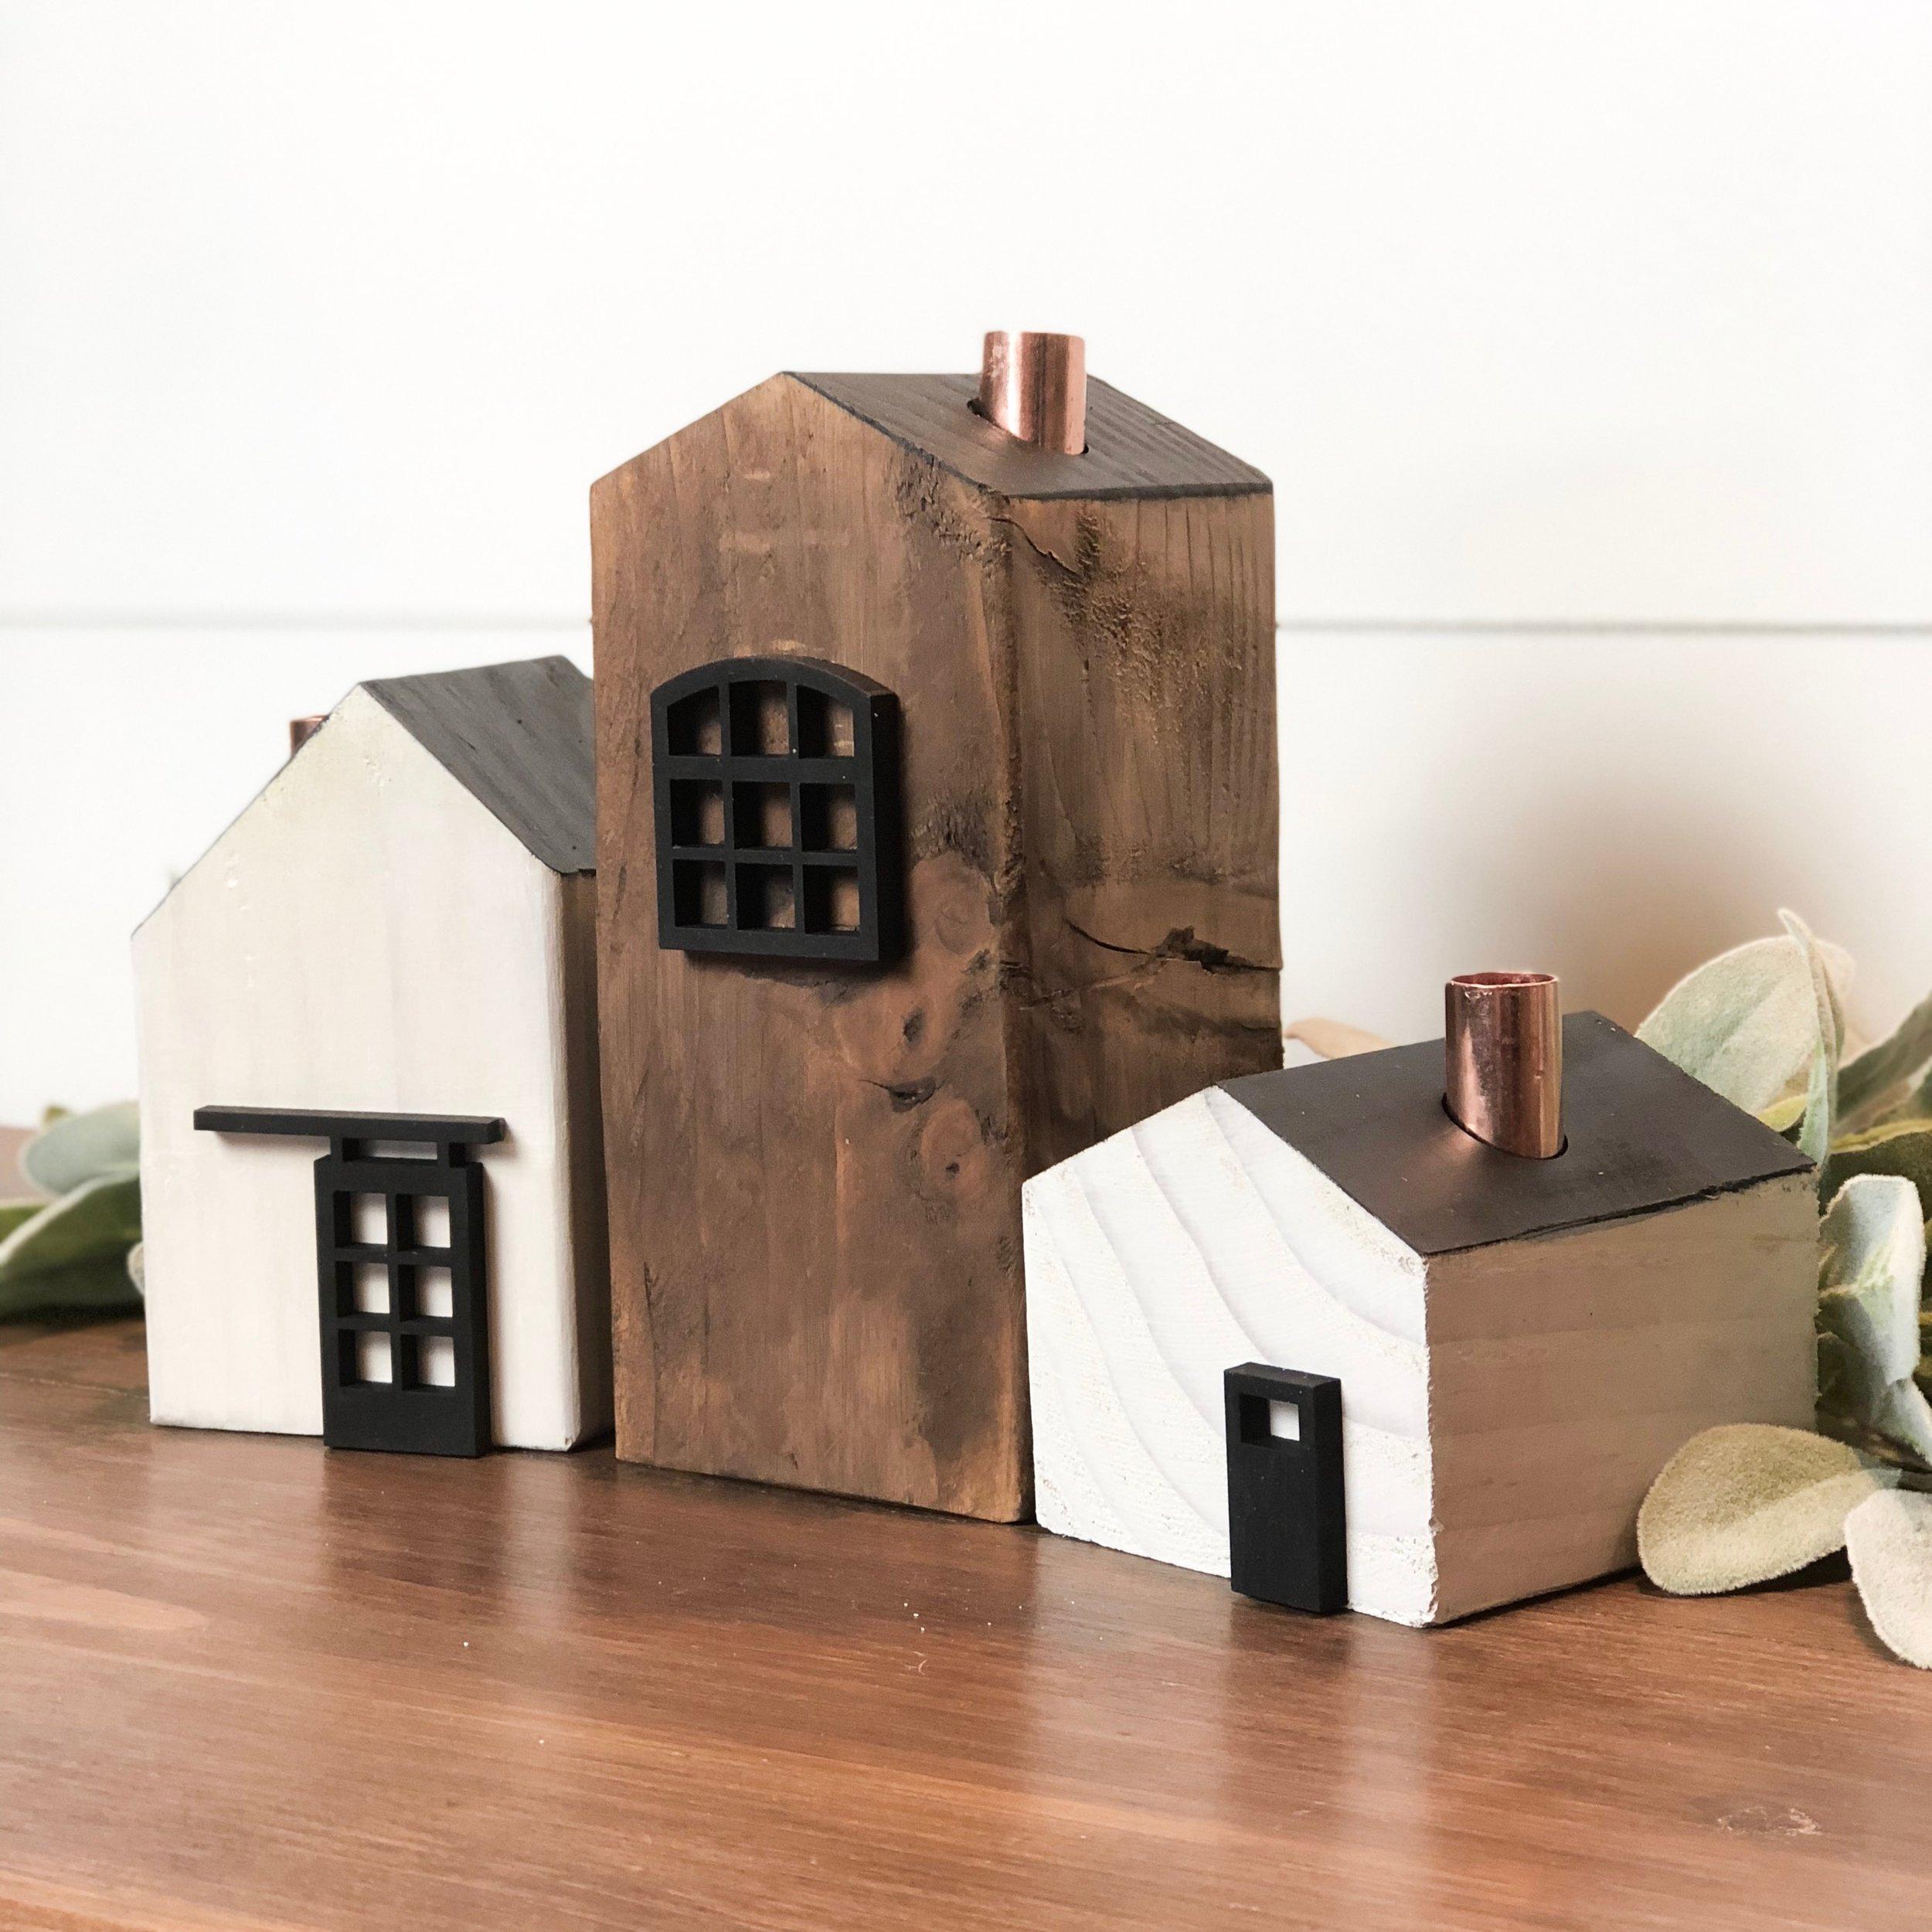 wood-block-houses.JPG